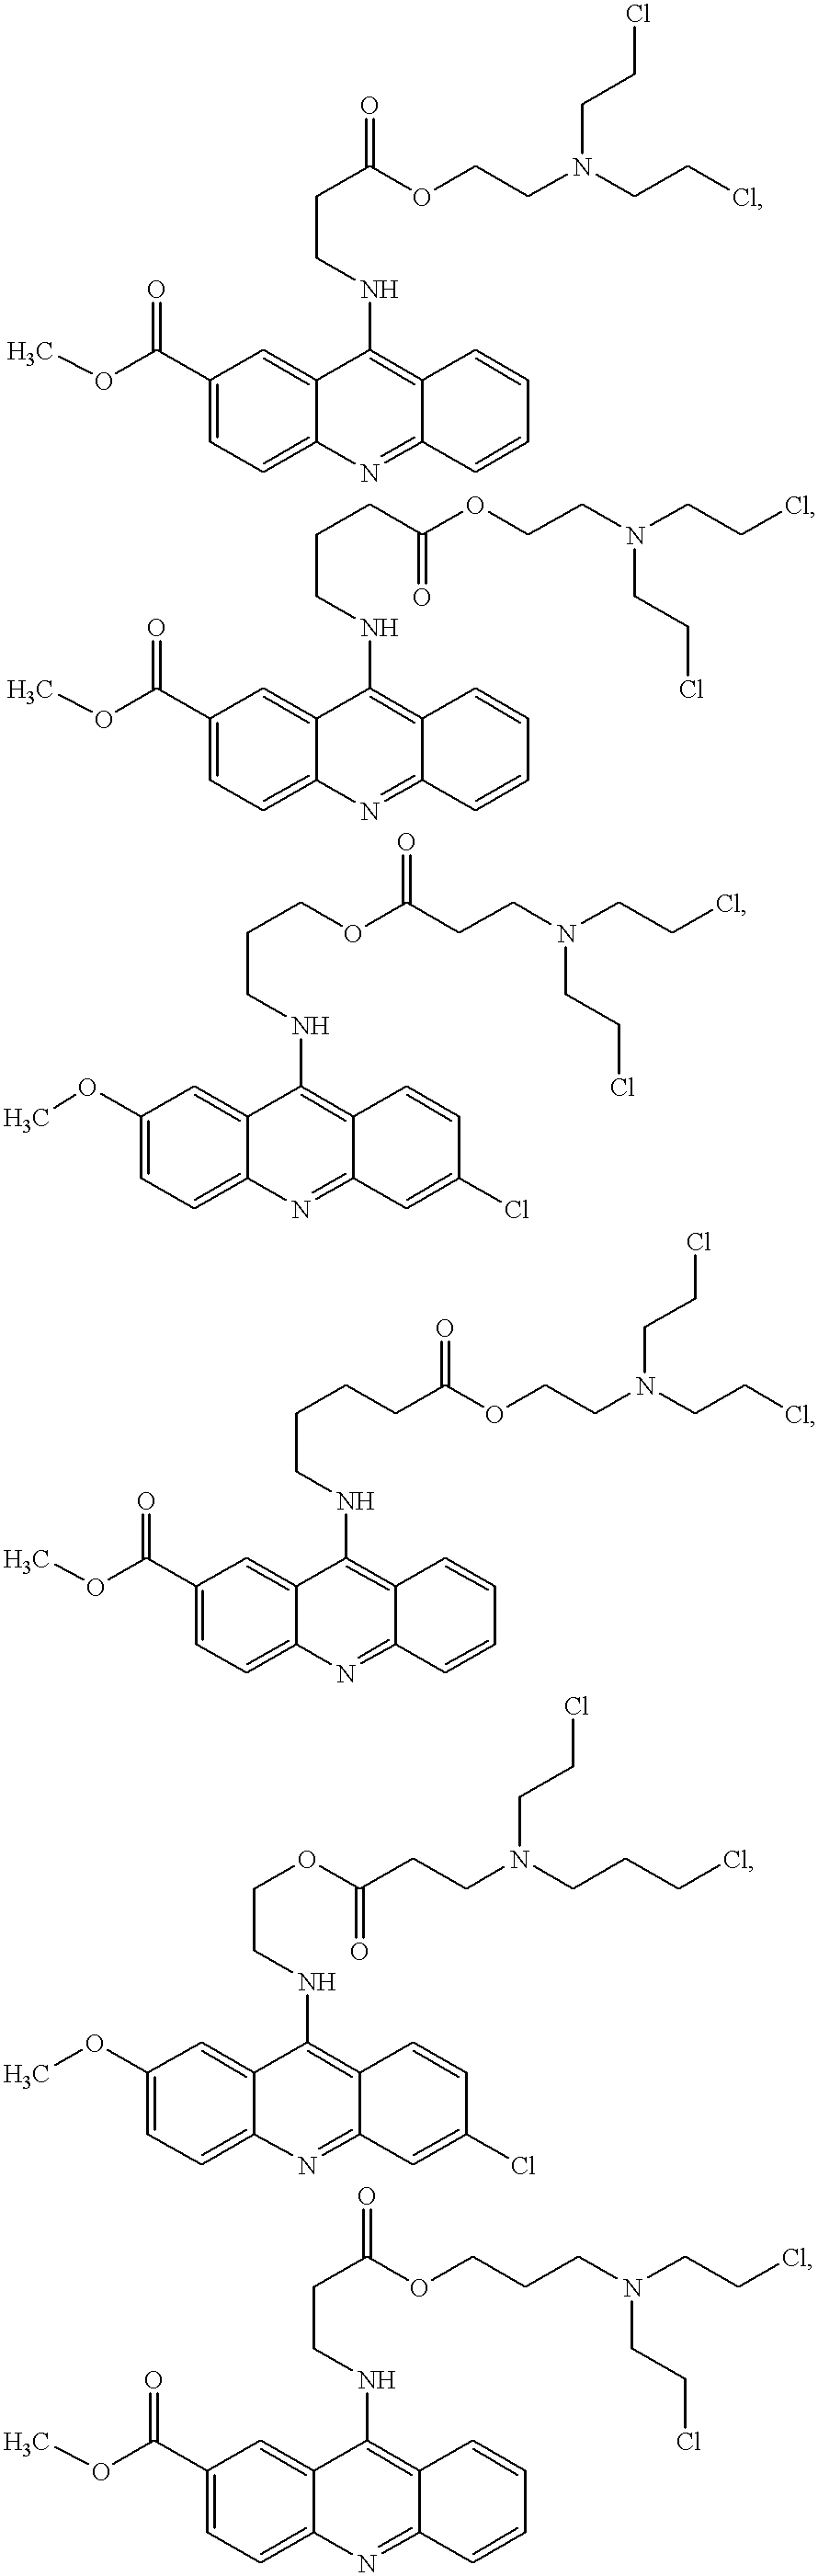 Figure US06281225-20010828-C00003